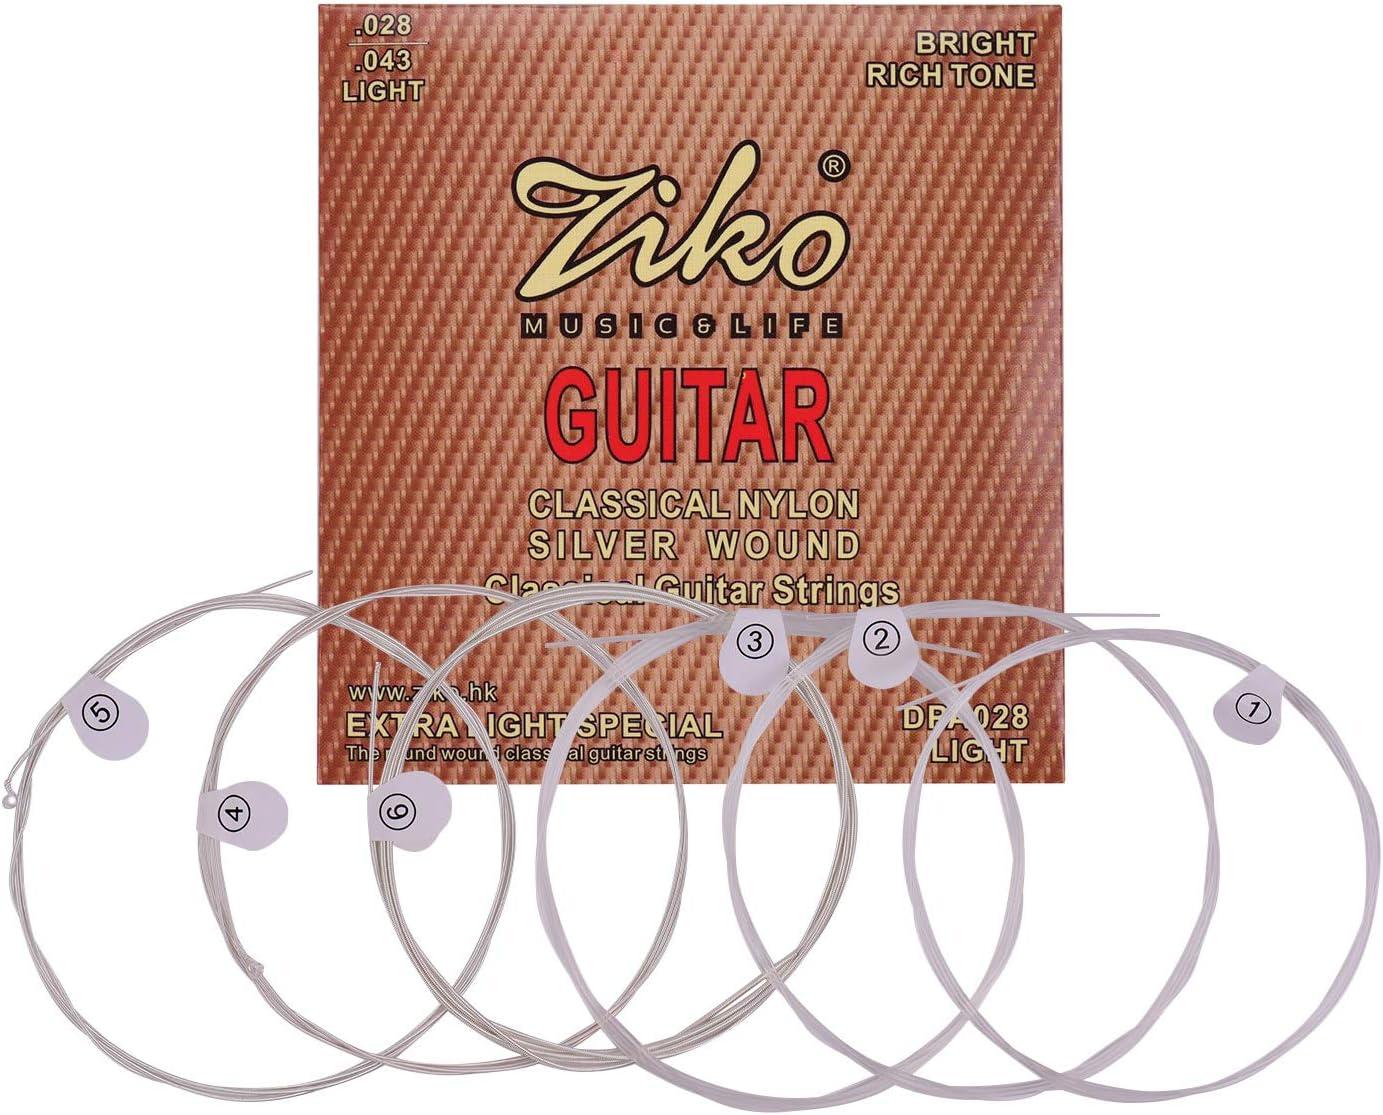 Muslady ZIKO Cuerdas de Guitarra Clásica Tensión de Luz Normal Cuerda de Nylon de Cuerda Plateada Conjunto Antioxidante de 6 piezas Accesorios de Cuerda de Instrumentos Musicales